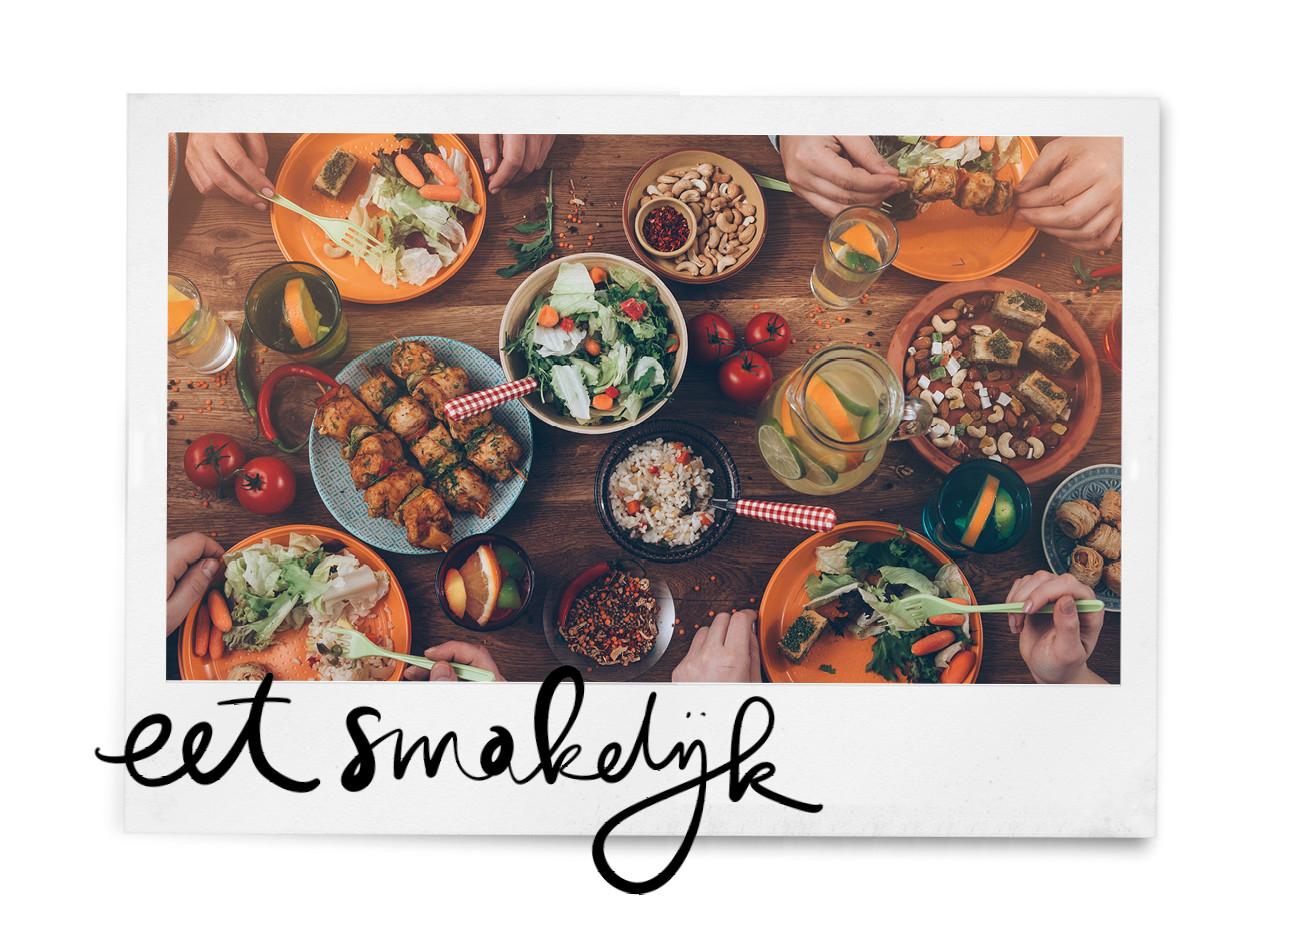 tafel vol met eten, drinken, bordjes, bestek, lunch, gezellig